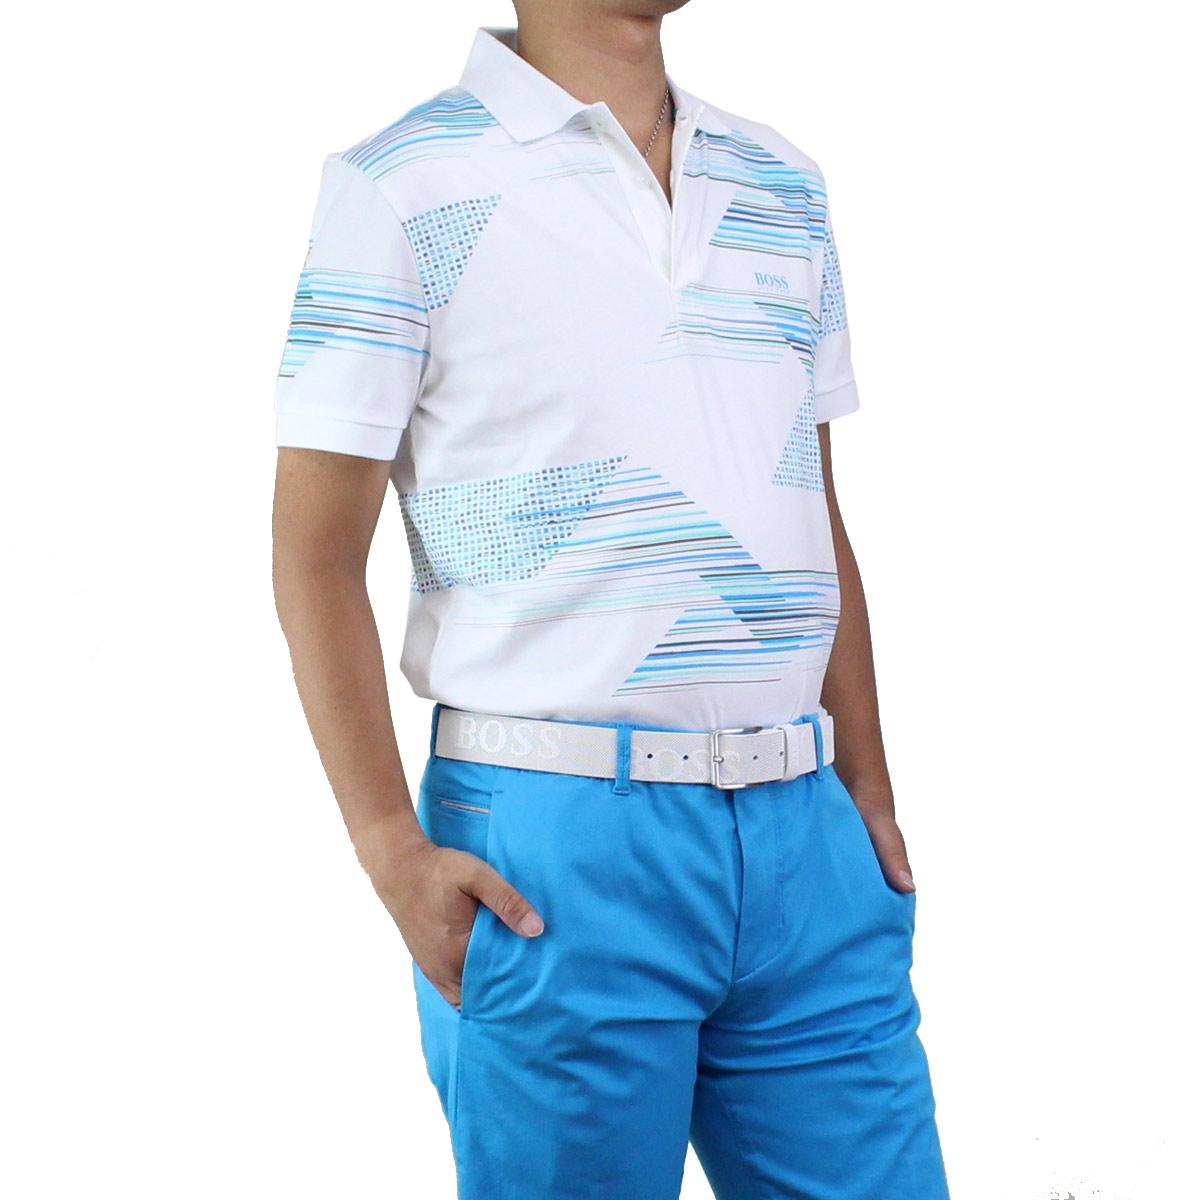 ヒューゴ ボス HUGO BOSS PAULE 6 ポール6 ポロシャツ 半袖 ゴルフウェア 50406570 10210510 100 ホワイト系 メンズ【キャッシュレス 5% 還元】